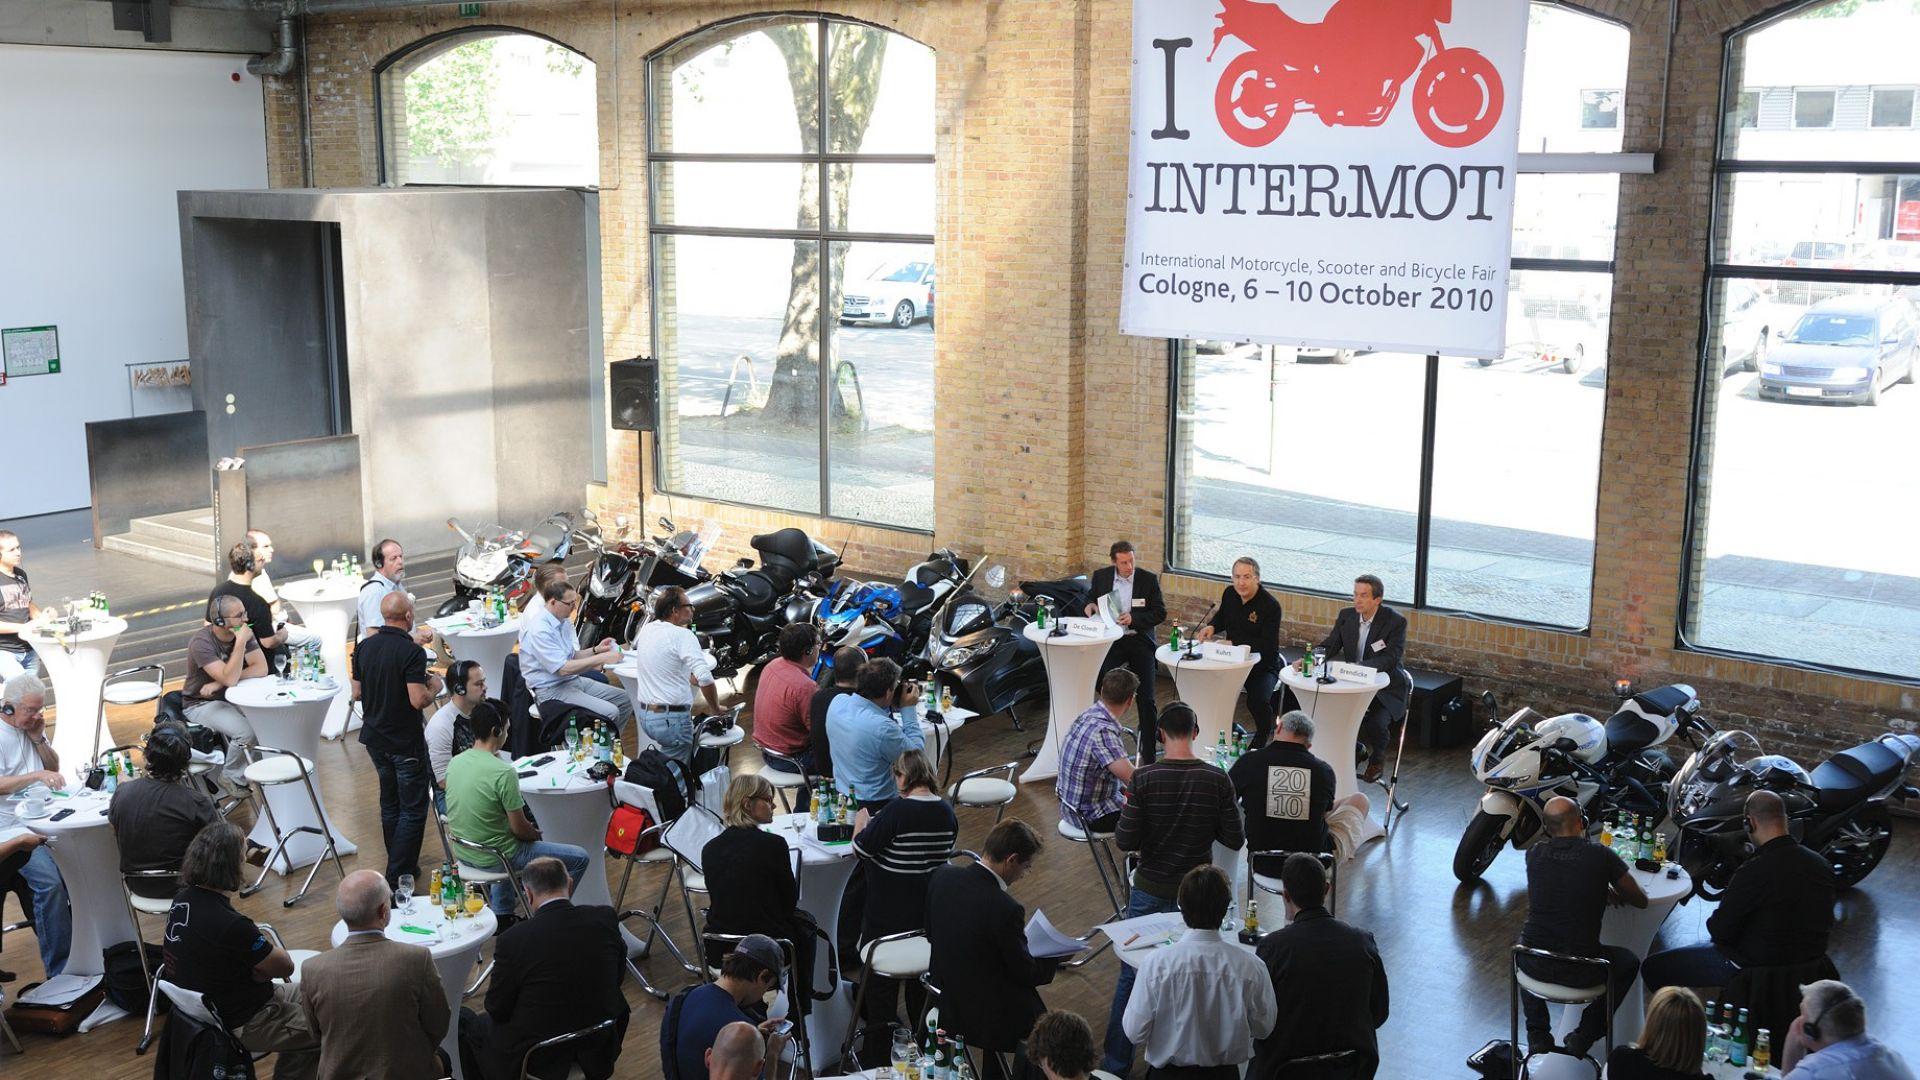 Immagine 66: Intermot Colonia 2010